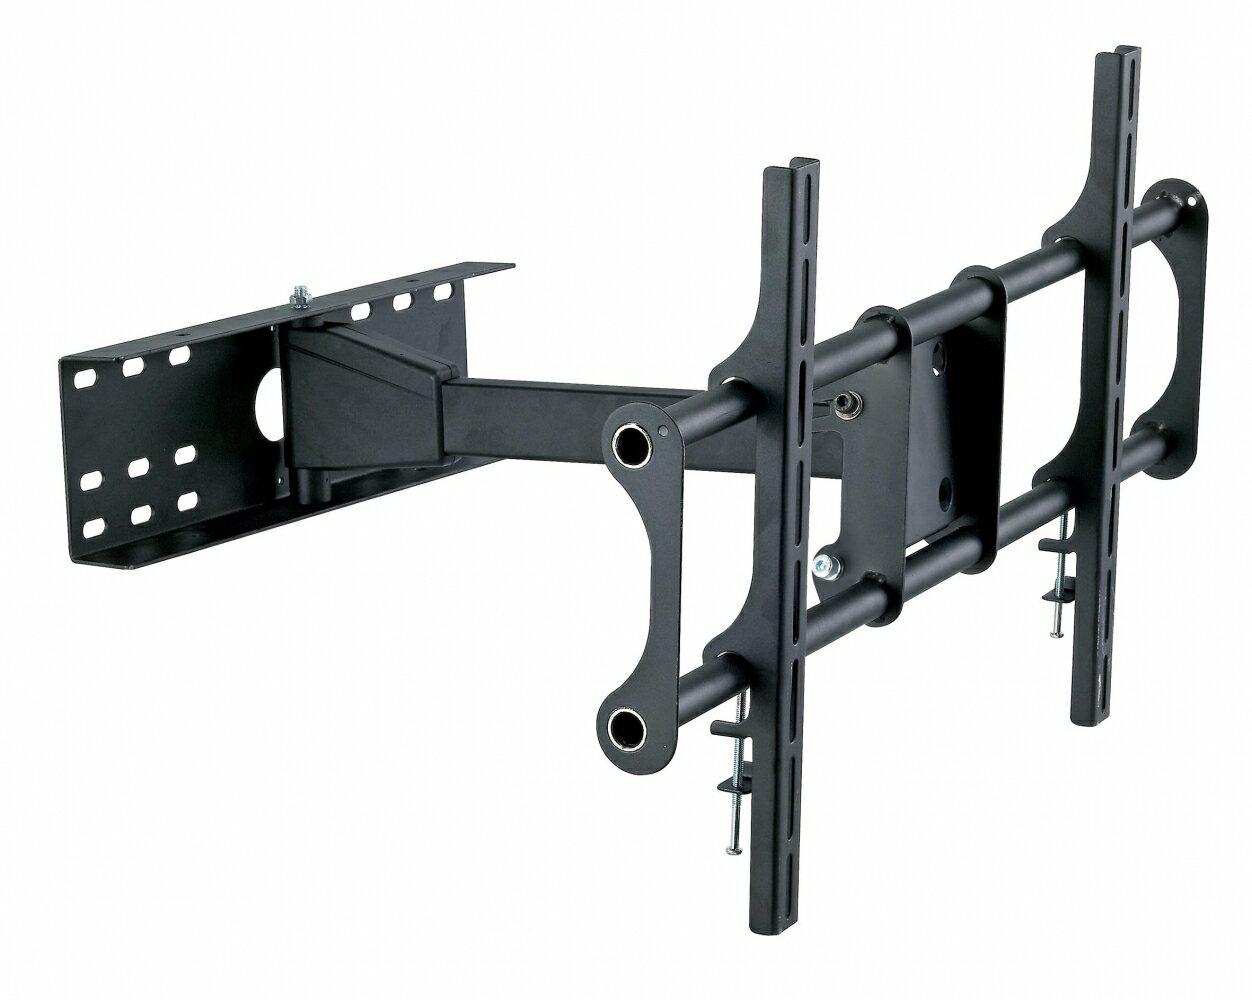 AviewS-CMW-7007/手臂型液晶壁掛架/台灣製造 0